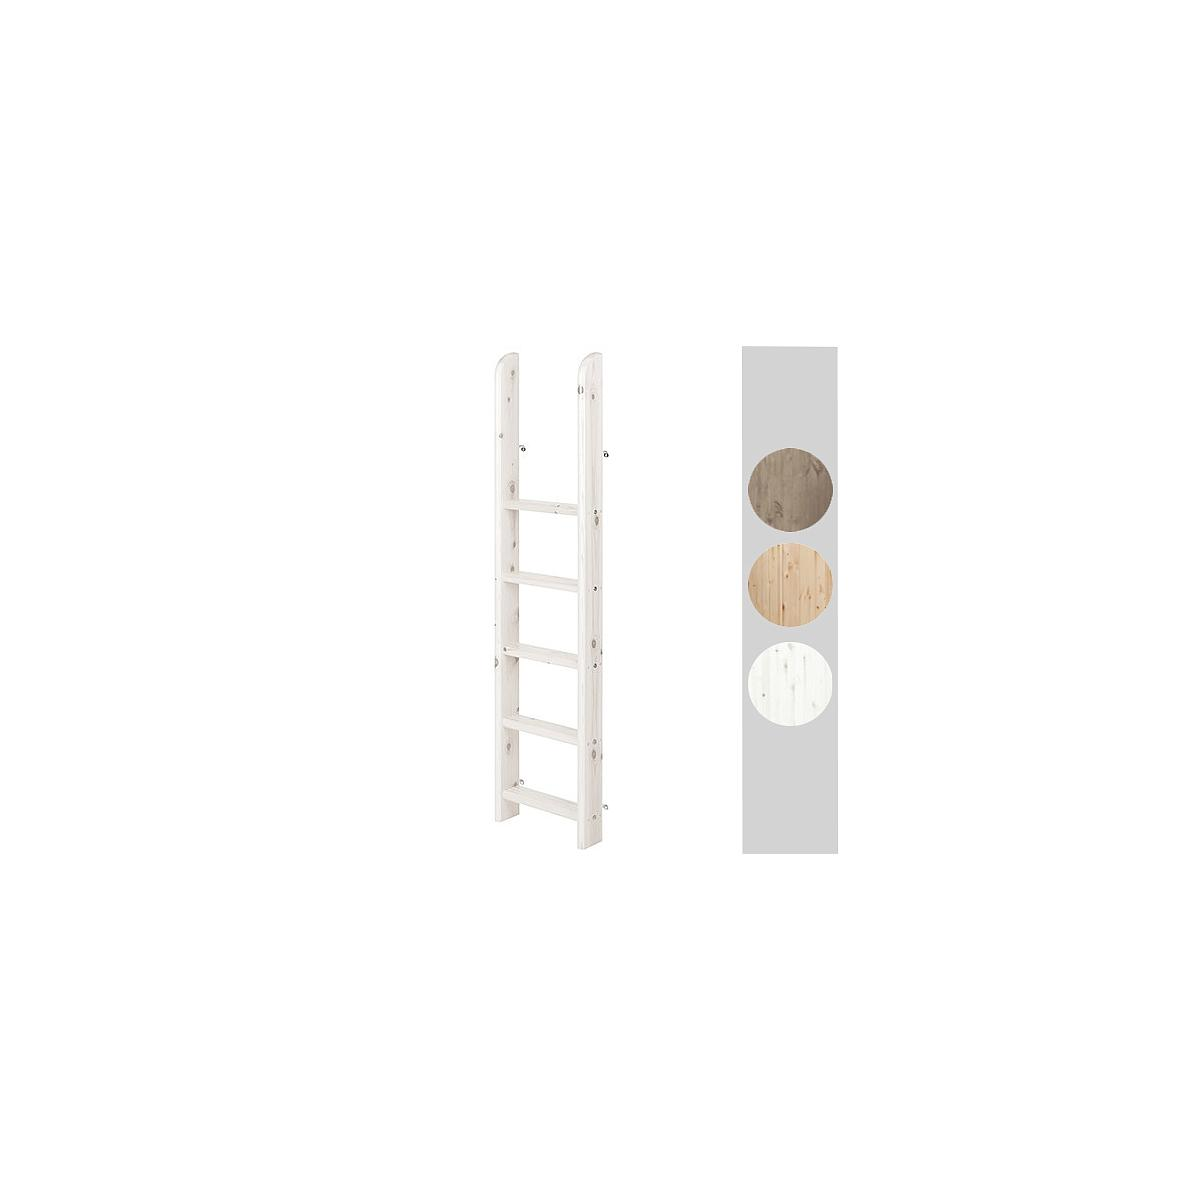 Escalera recta Cama alta CLASSIC Flexa terra